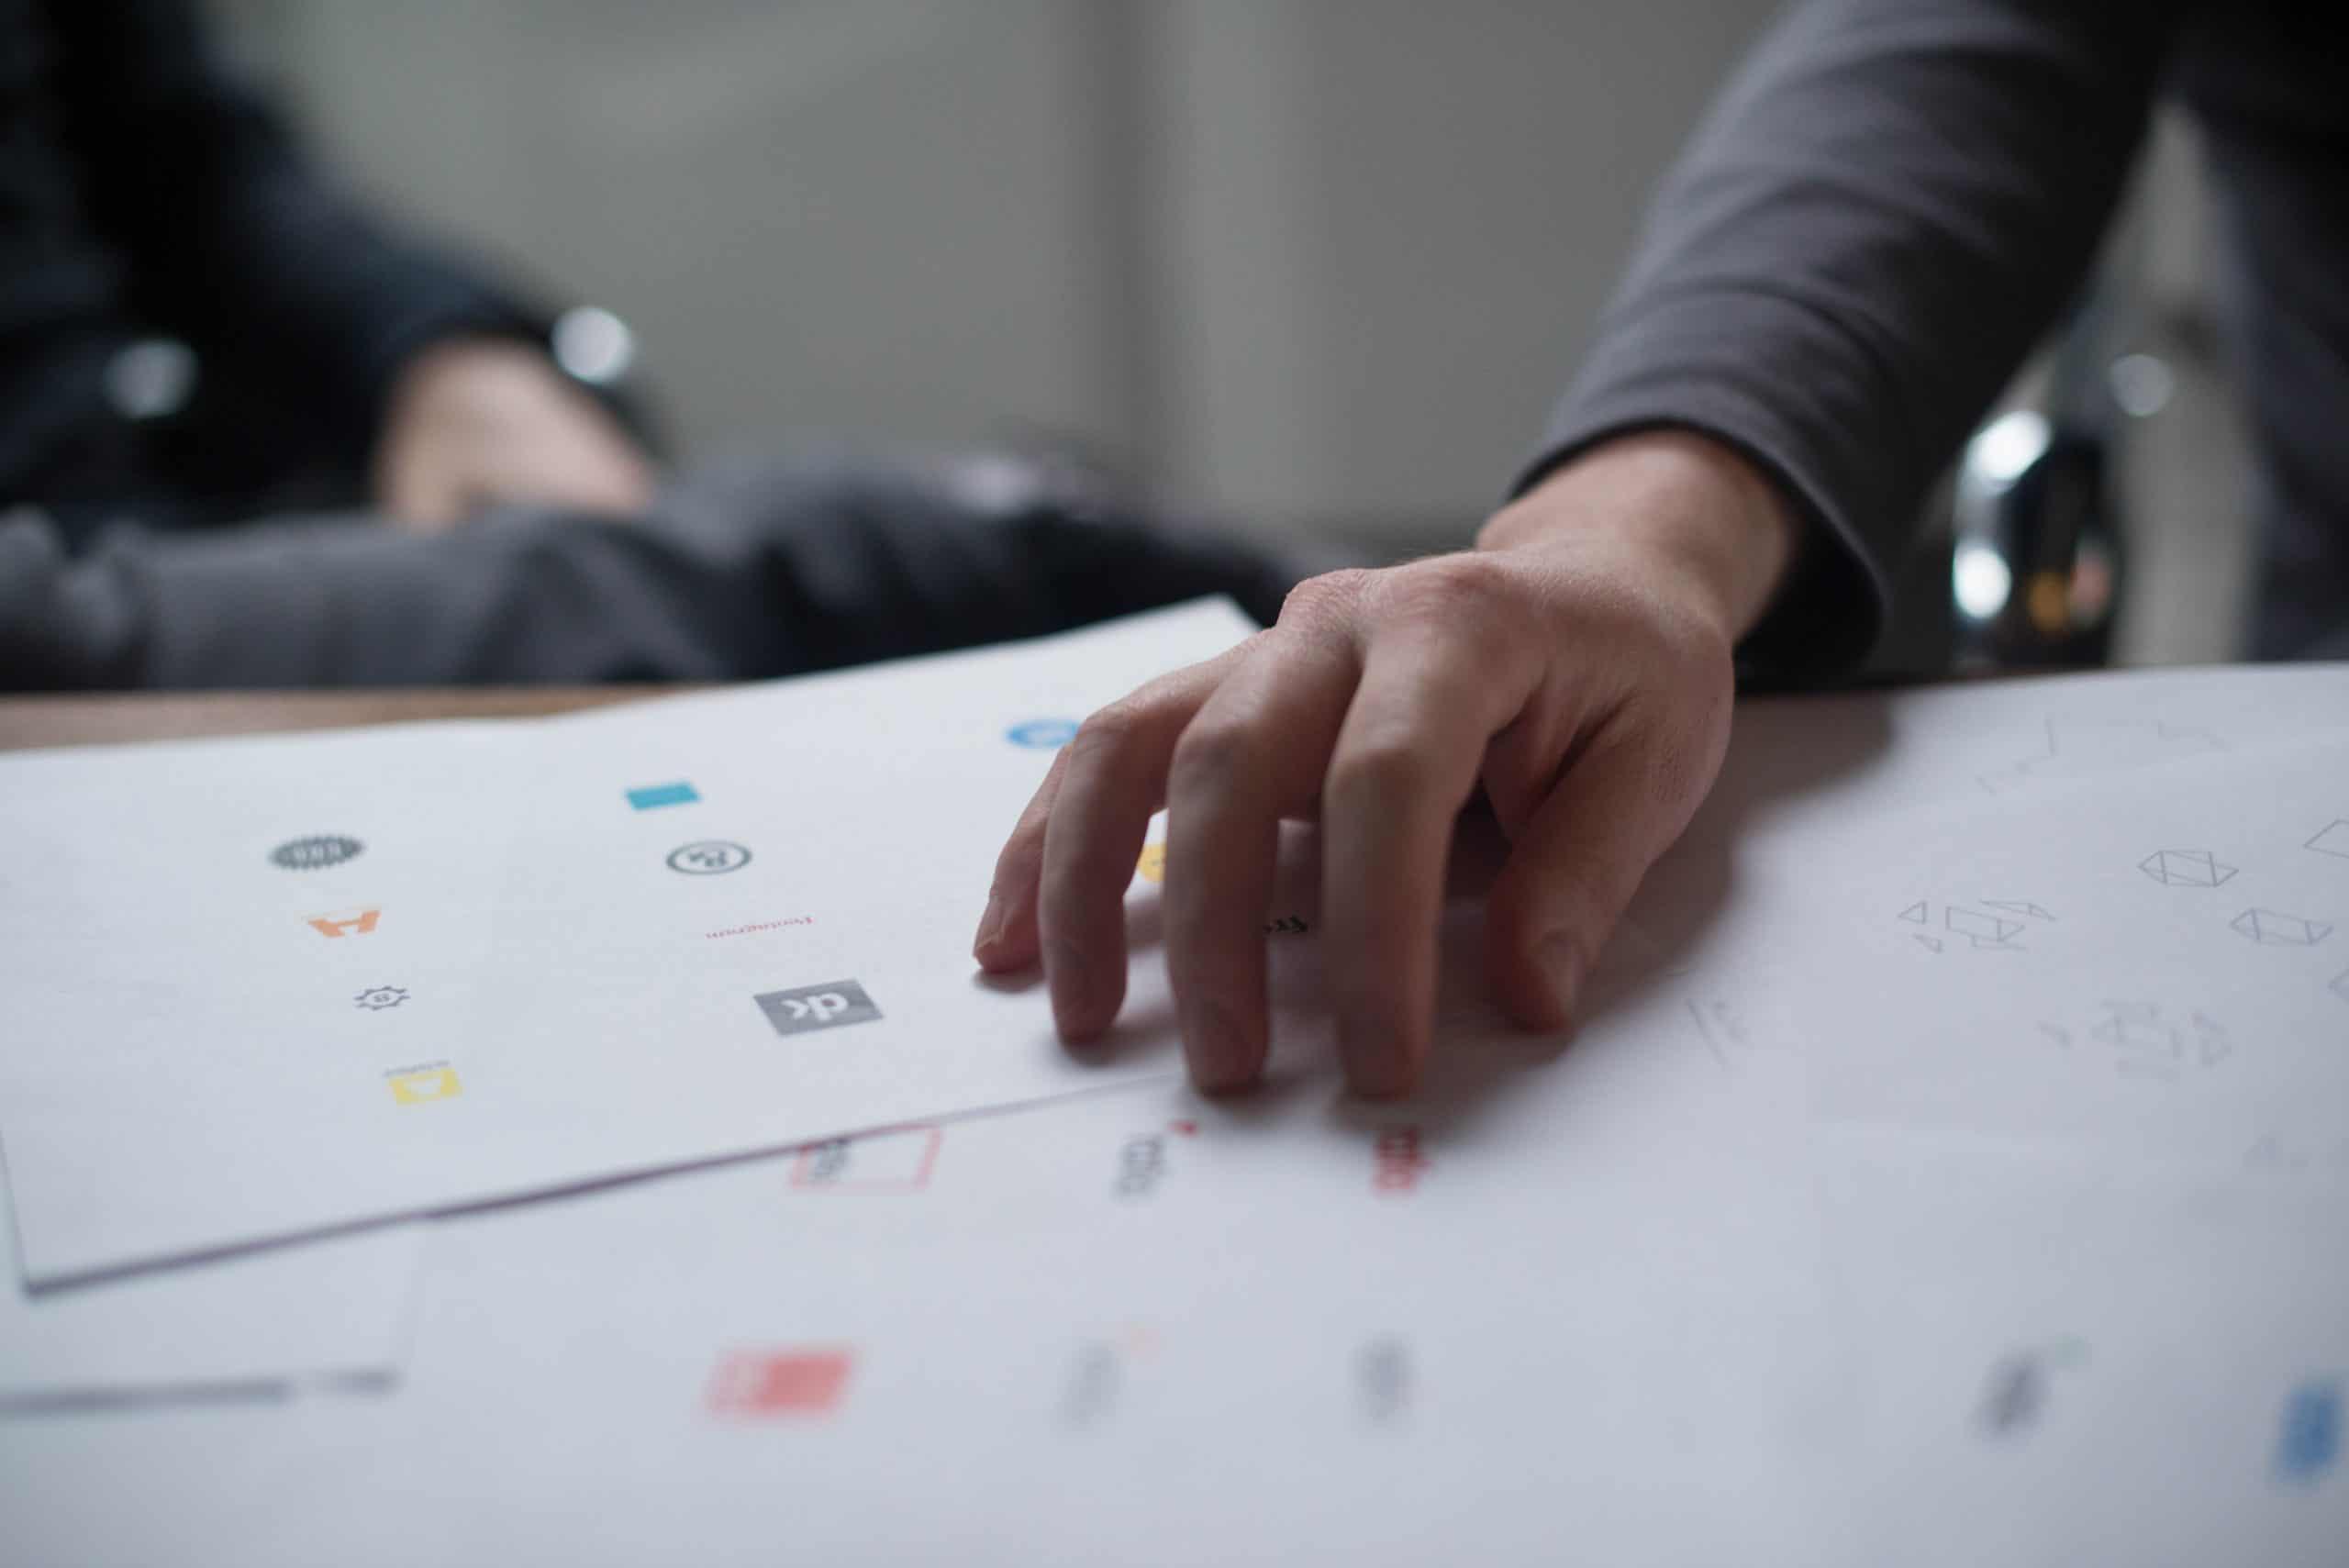 Wir machen die Namensfindung und die Logo Gestaltung für dein Unternehmen. Markenbildung